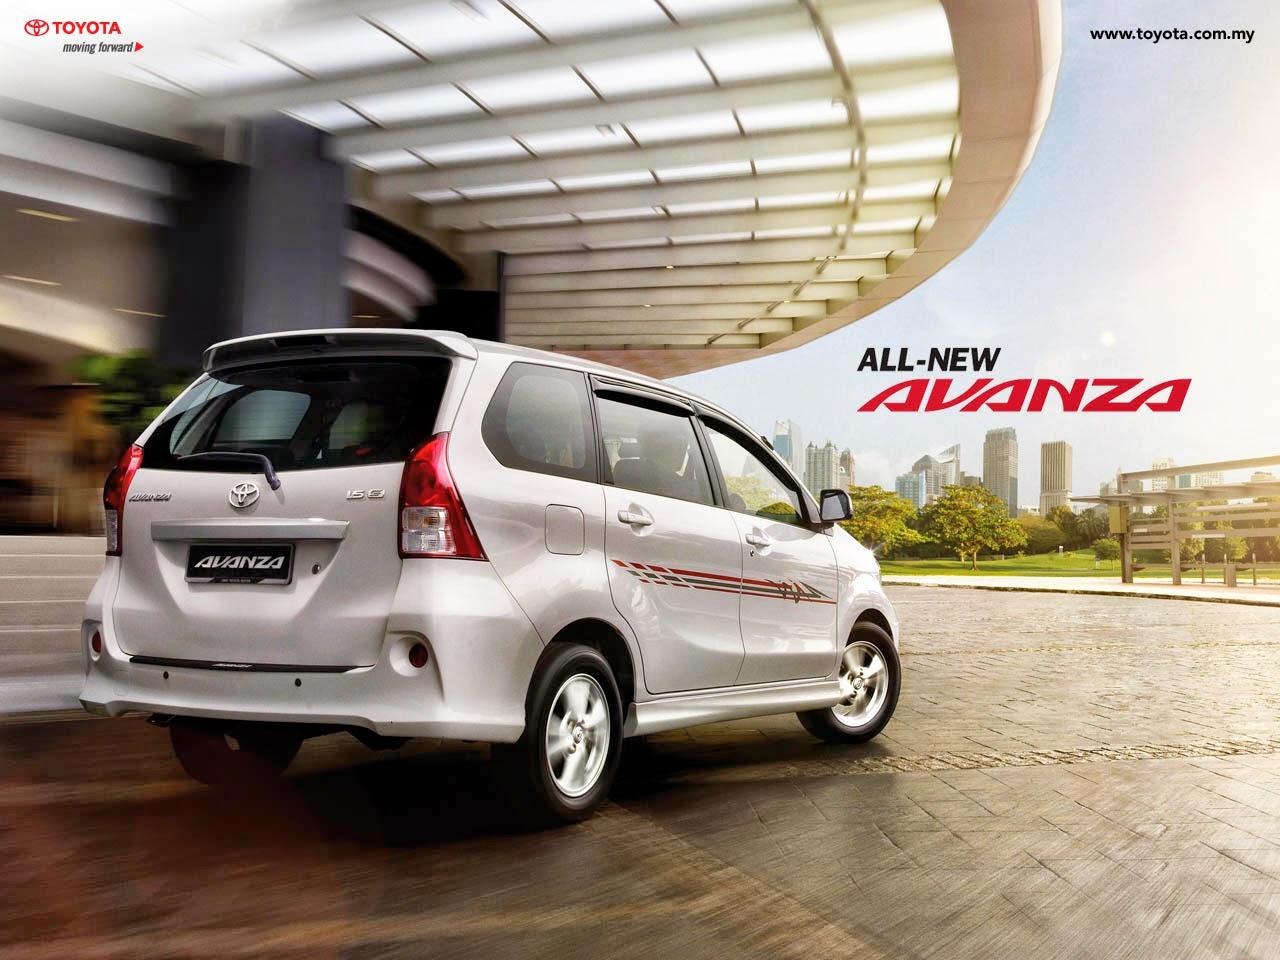 Info Mobil Toyota  Spesifikasi All New Avanza Tahun 2014